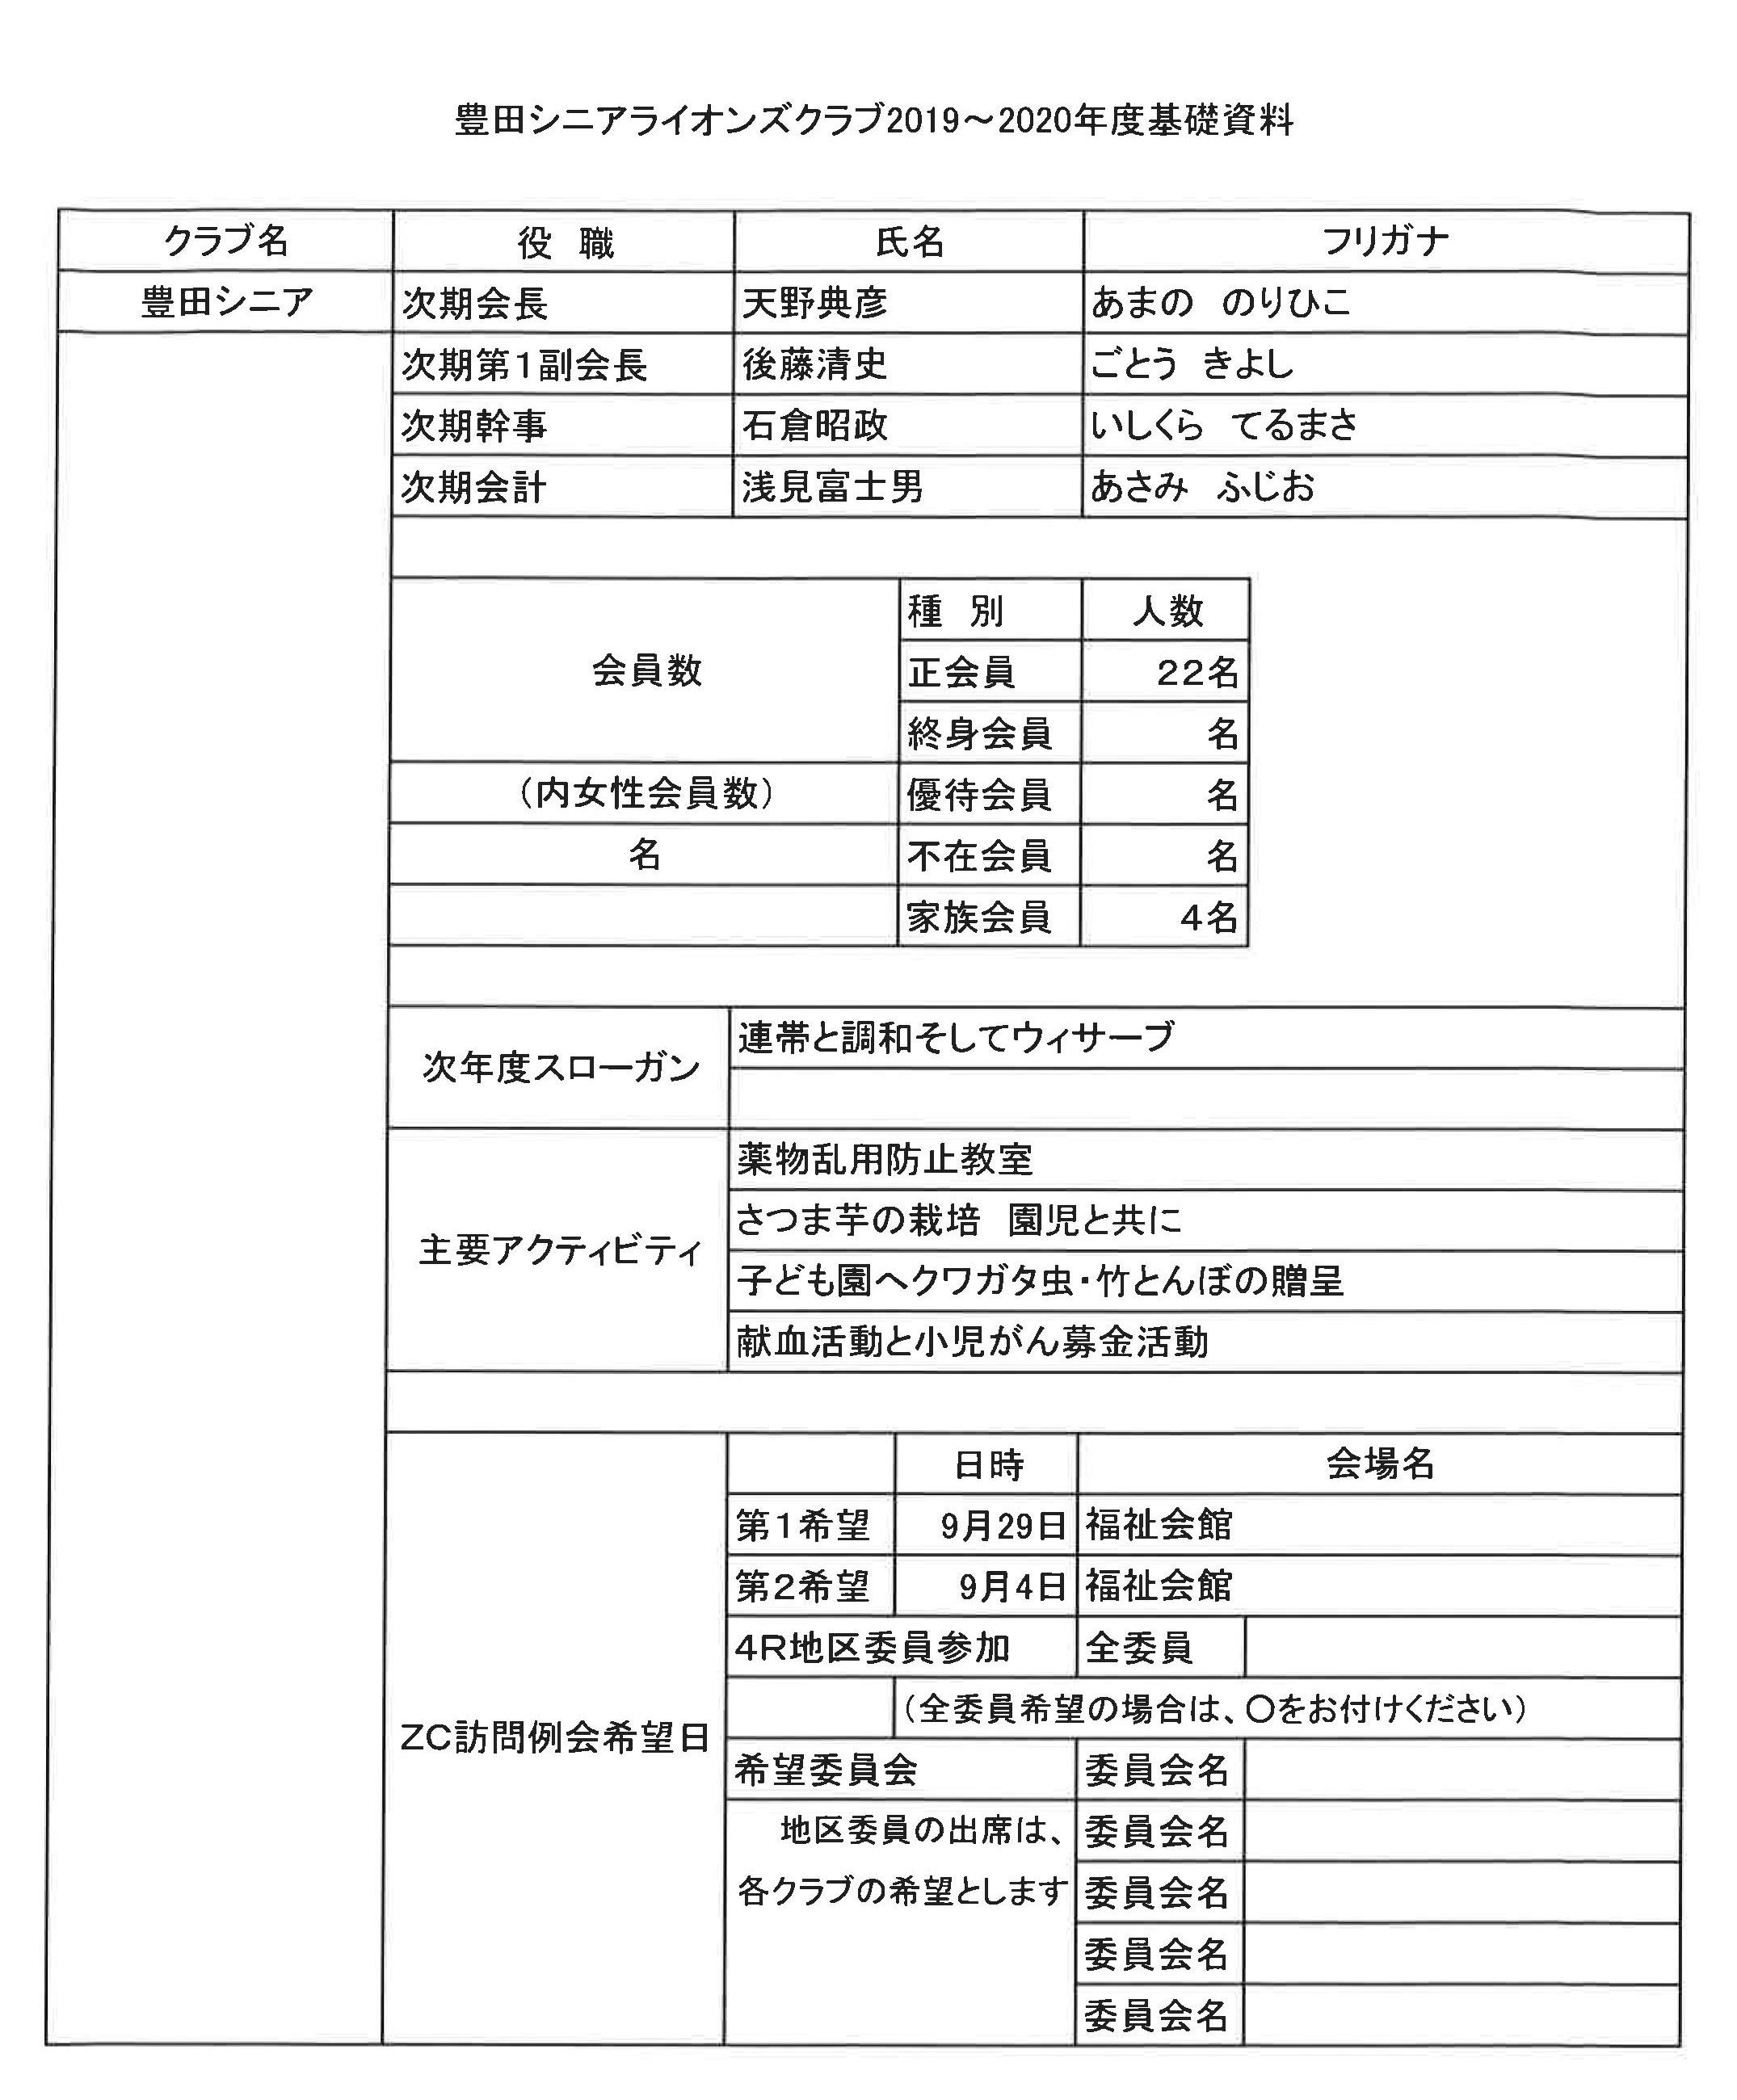 33準備ゾーン会議 豊田シニアLC今年度資料1